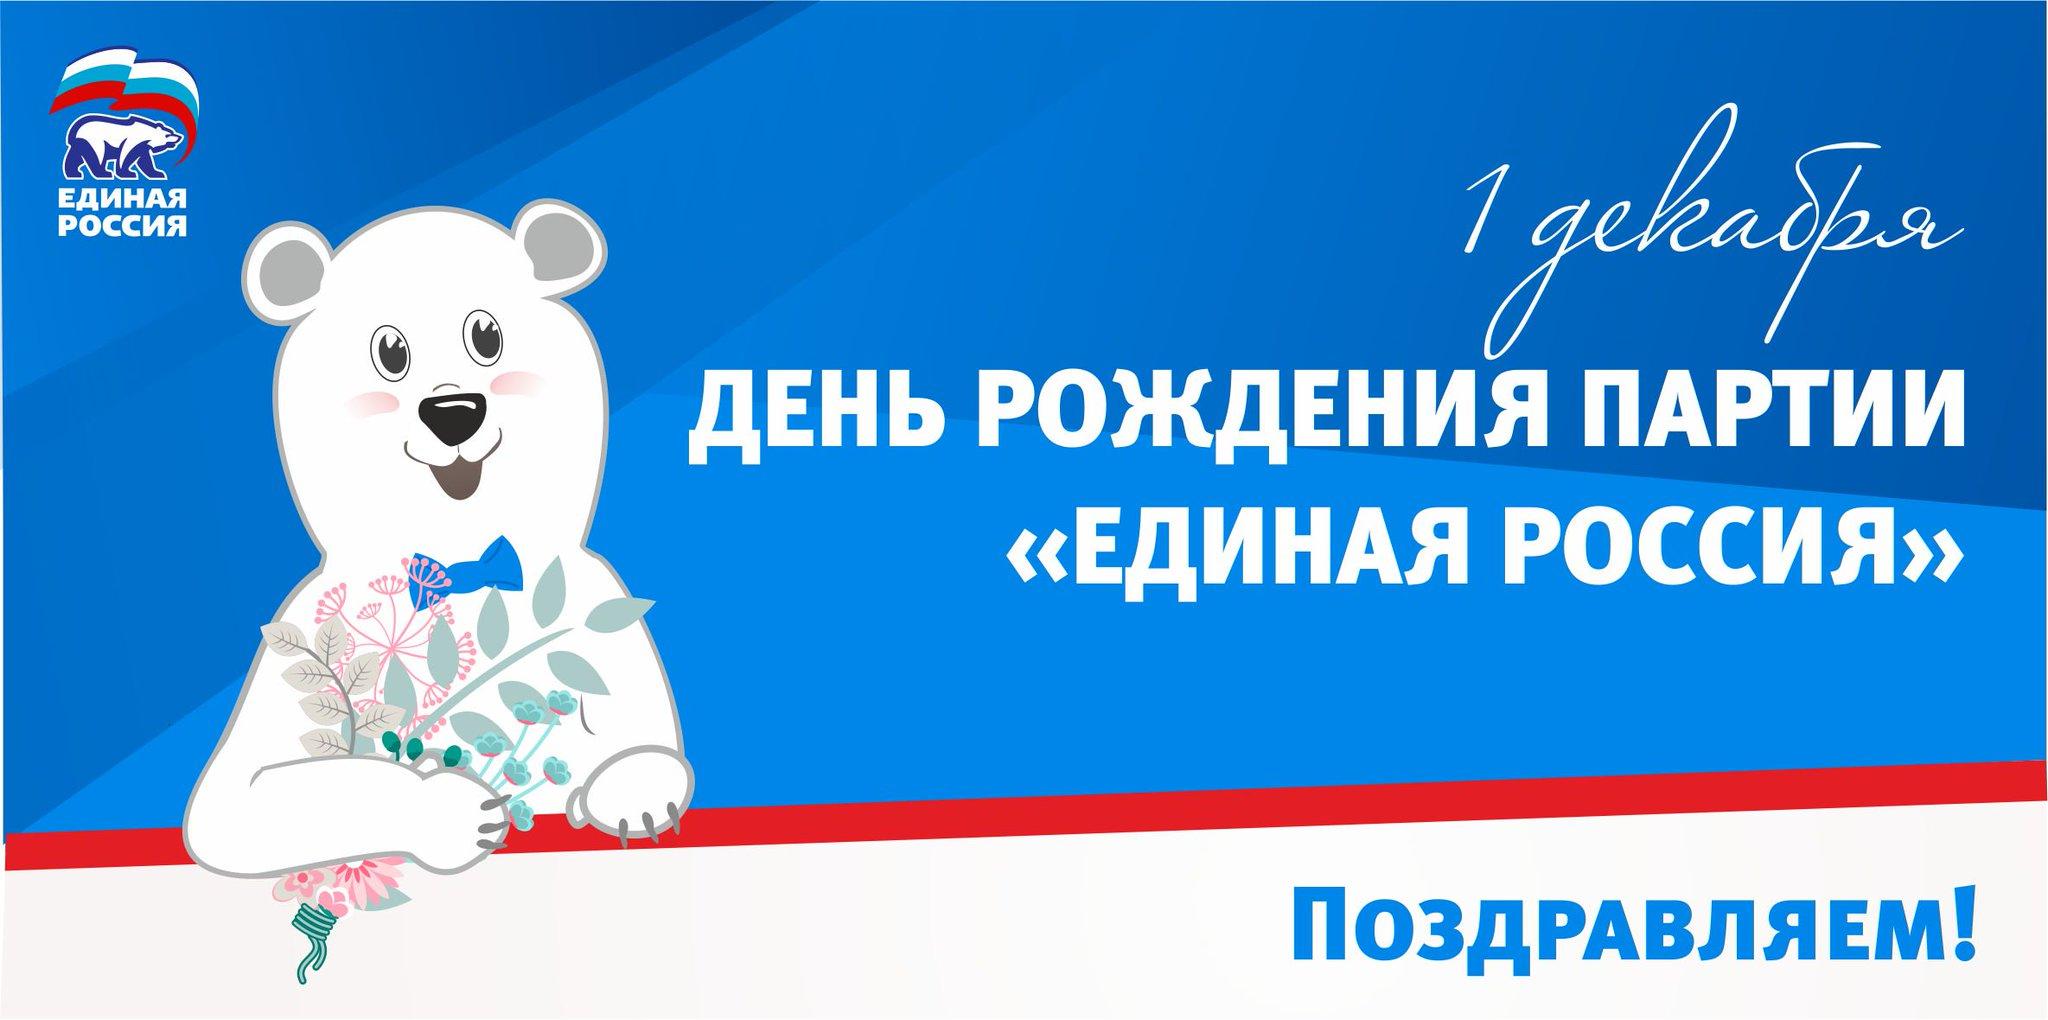 малым весом поздравление детям от партии единая россия тебе